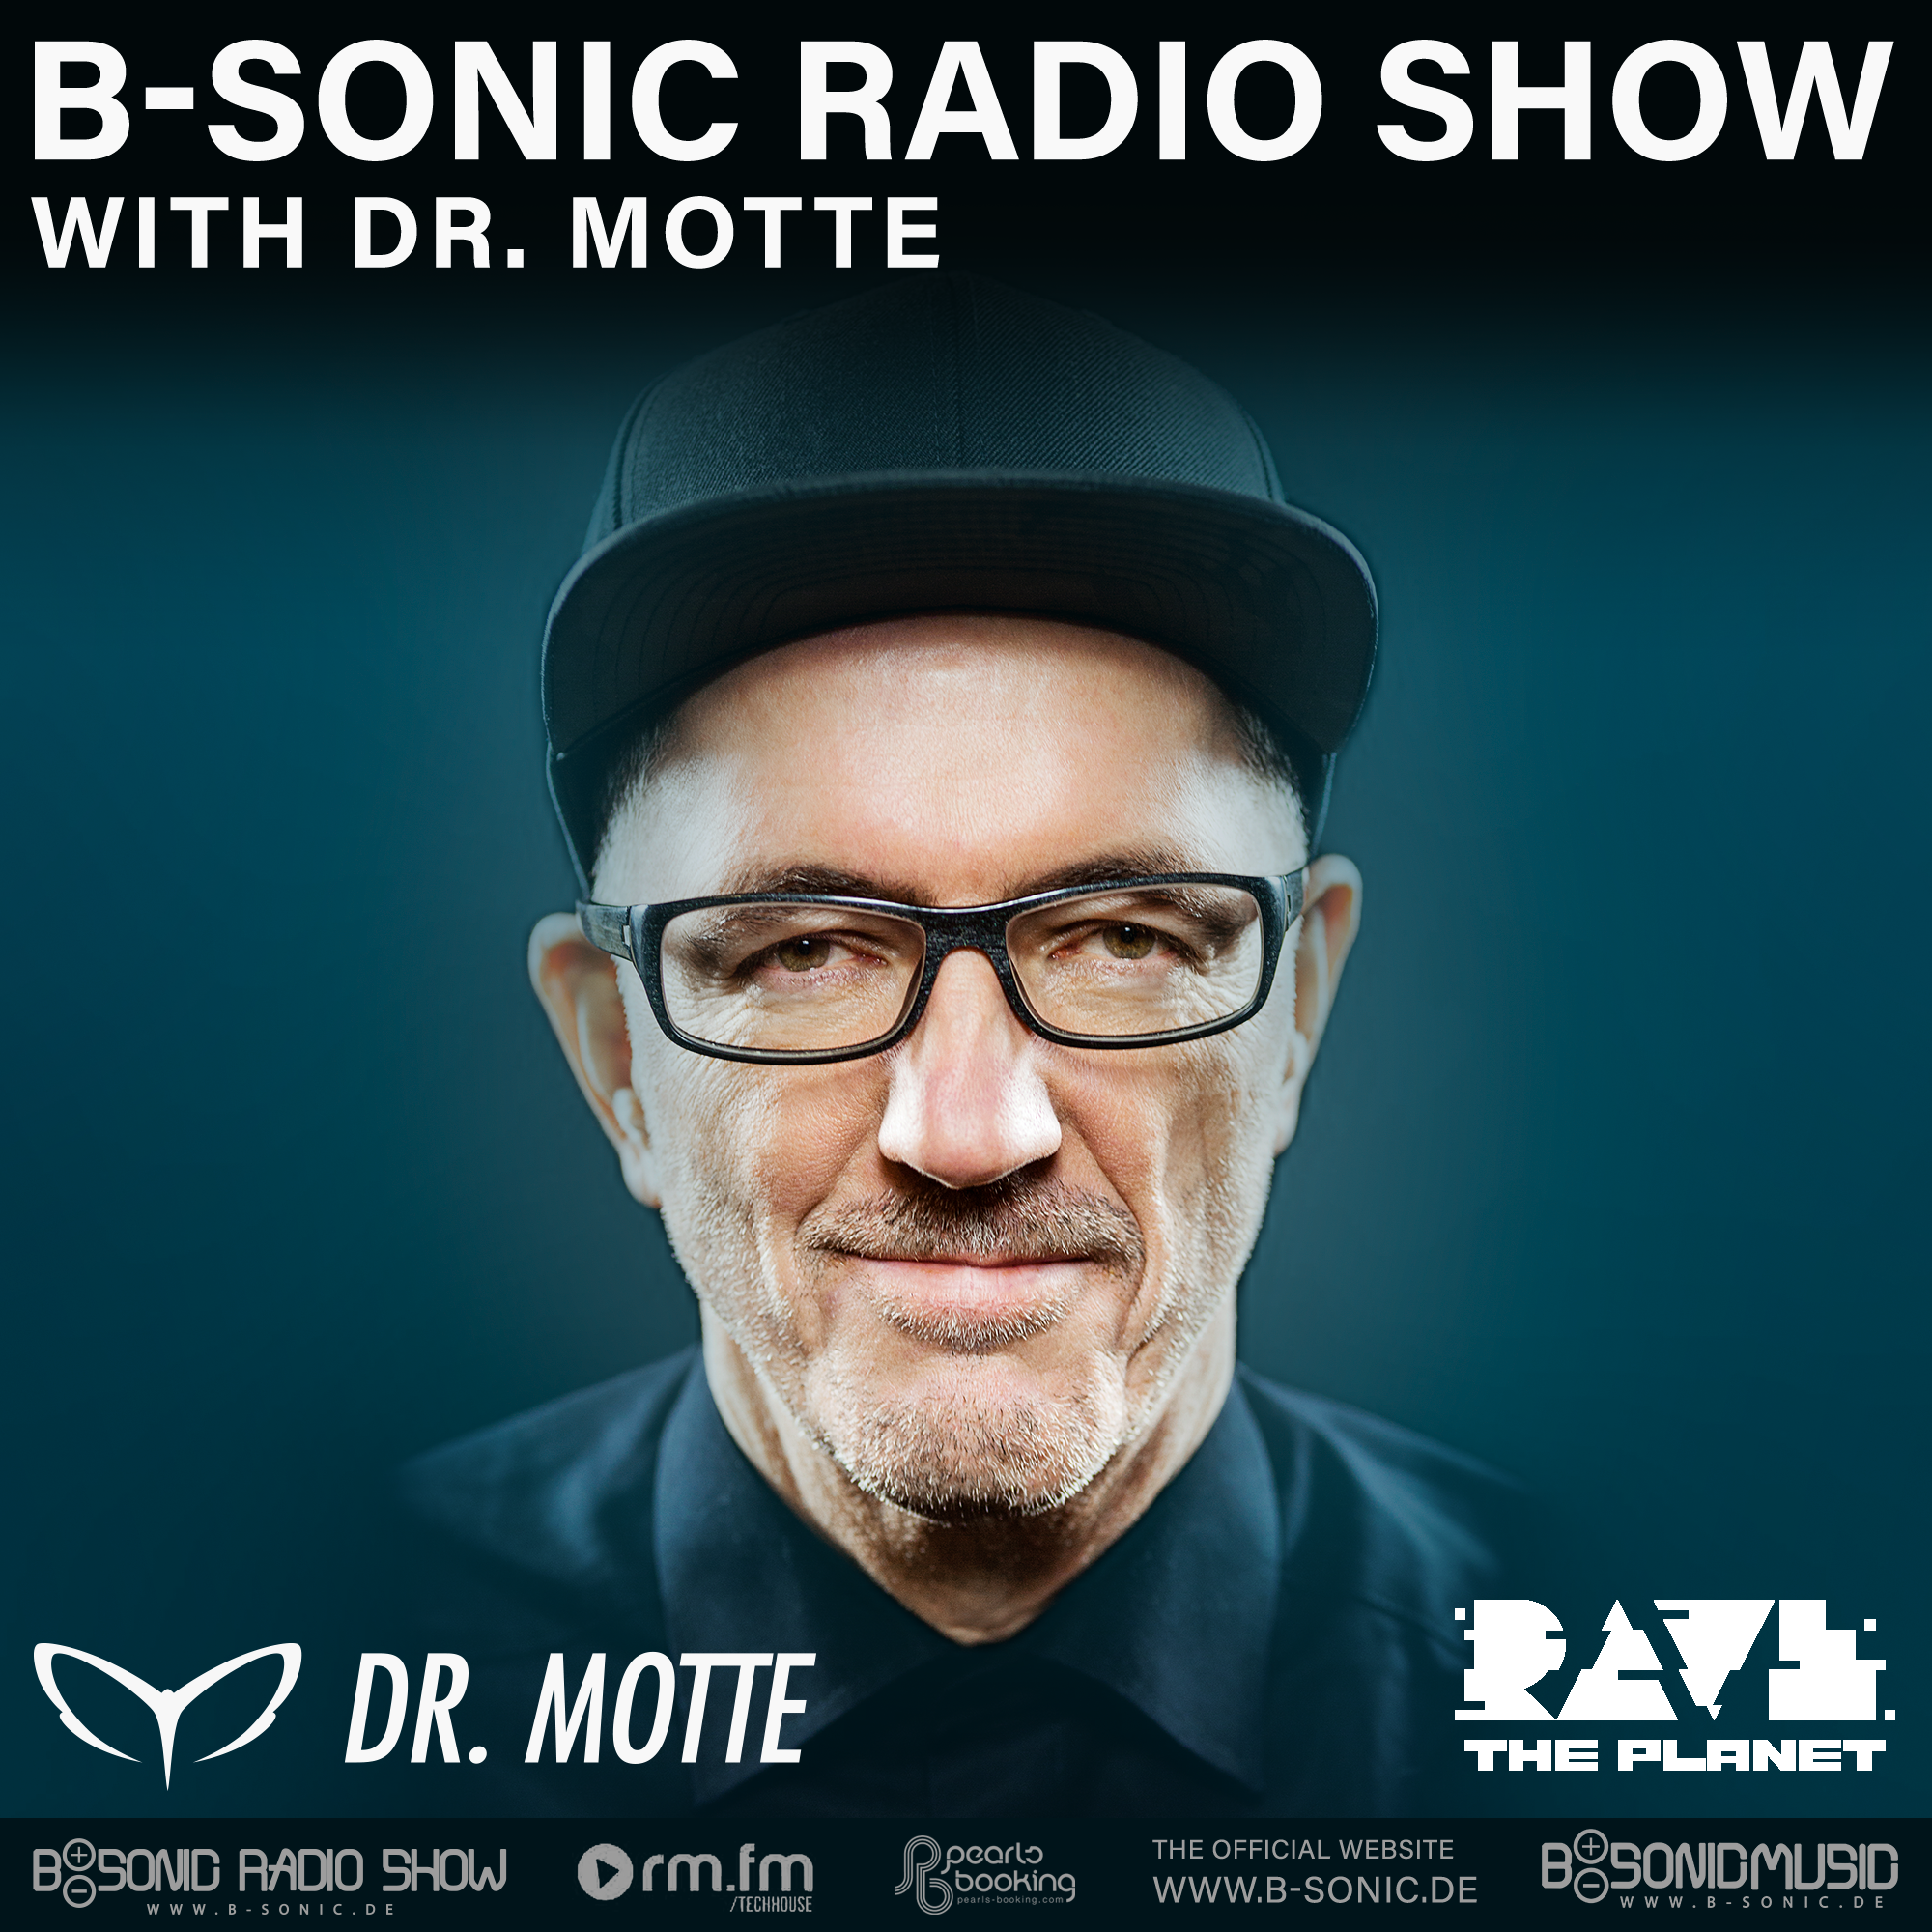 B-Sonic Music kuendigt Zusammenarbeit mit Dr. Motte und Rave The Planet an